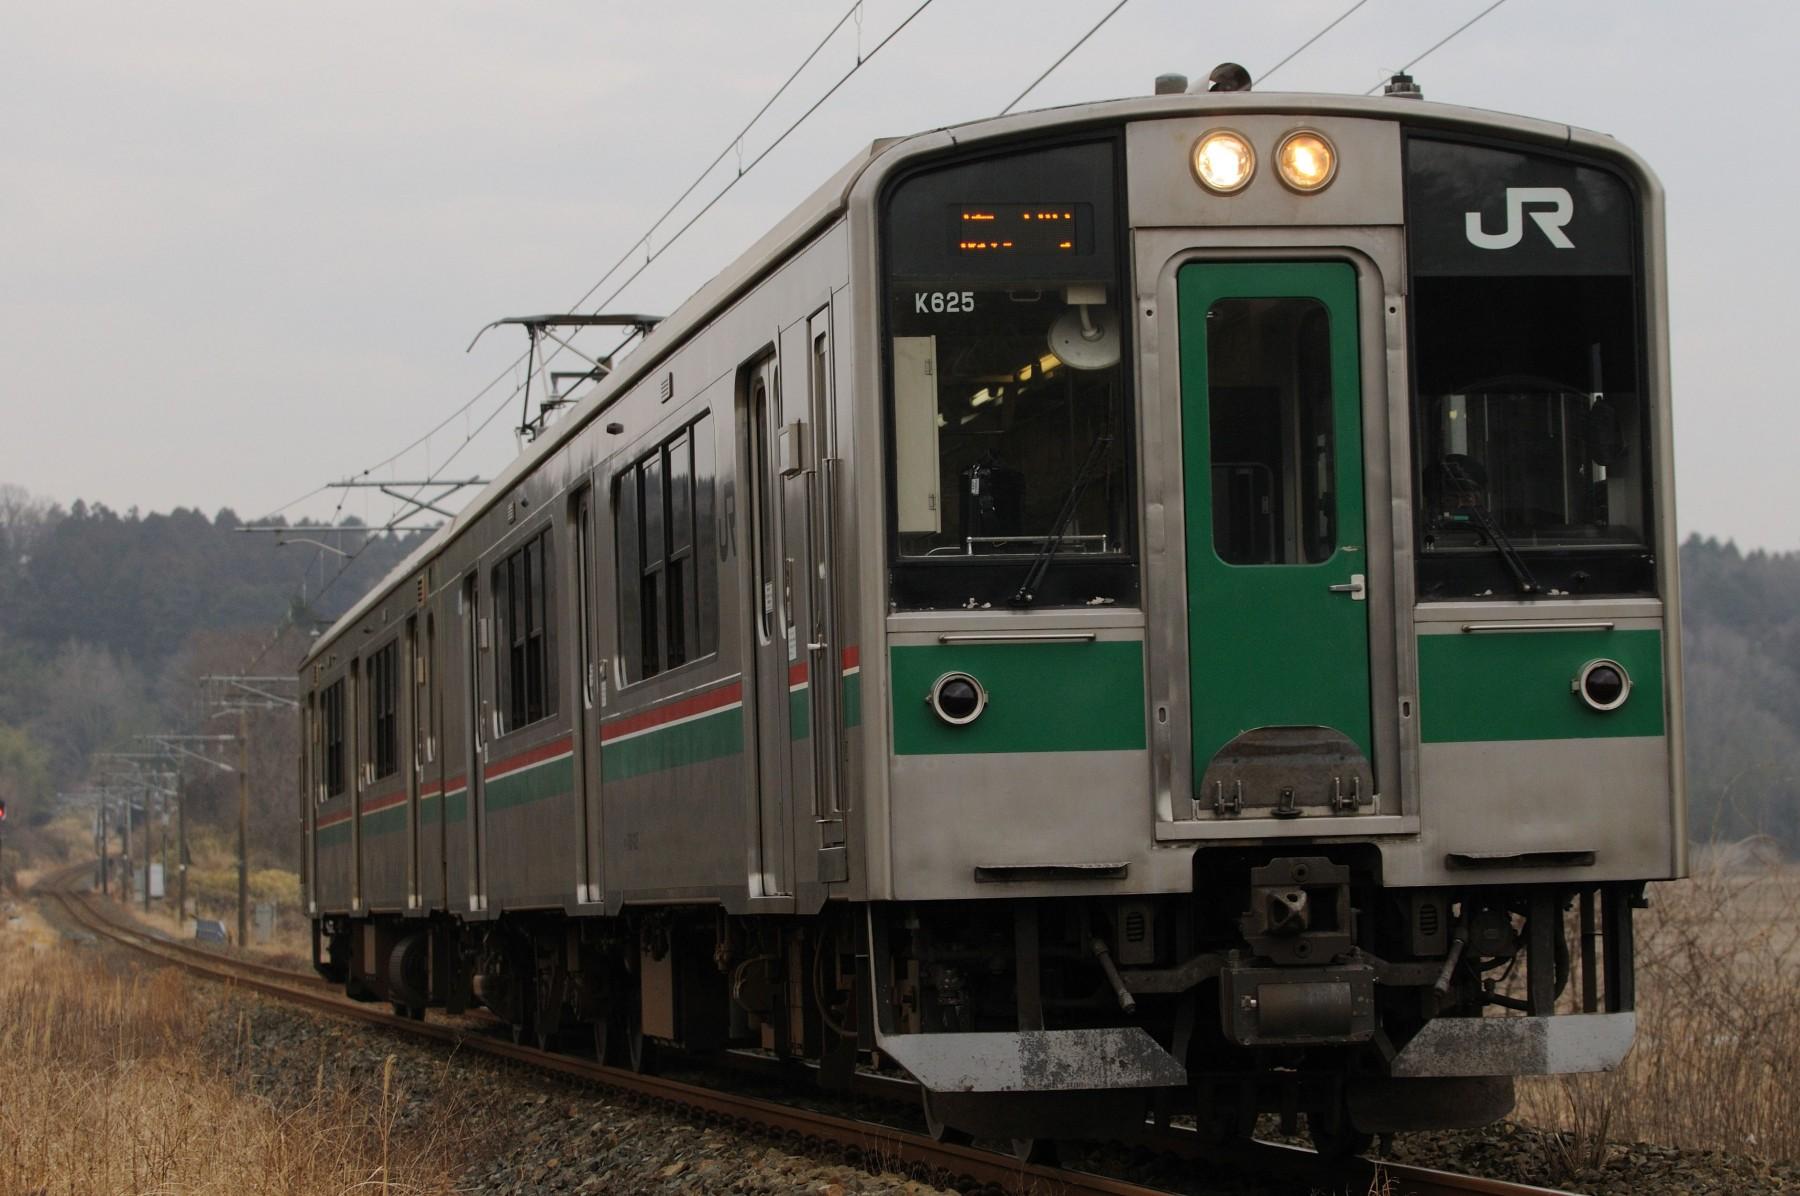 久々に訪問した常磐線 鹿島~原ノ町